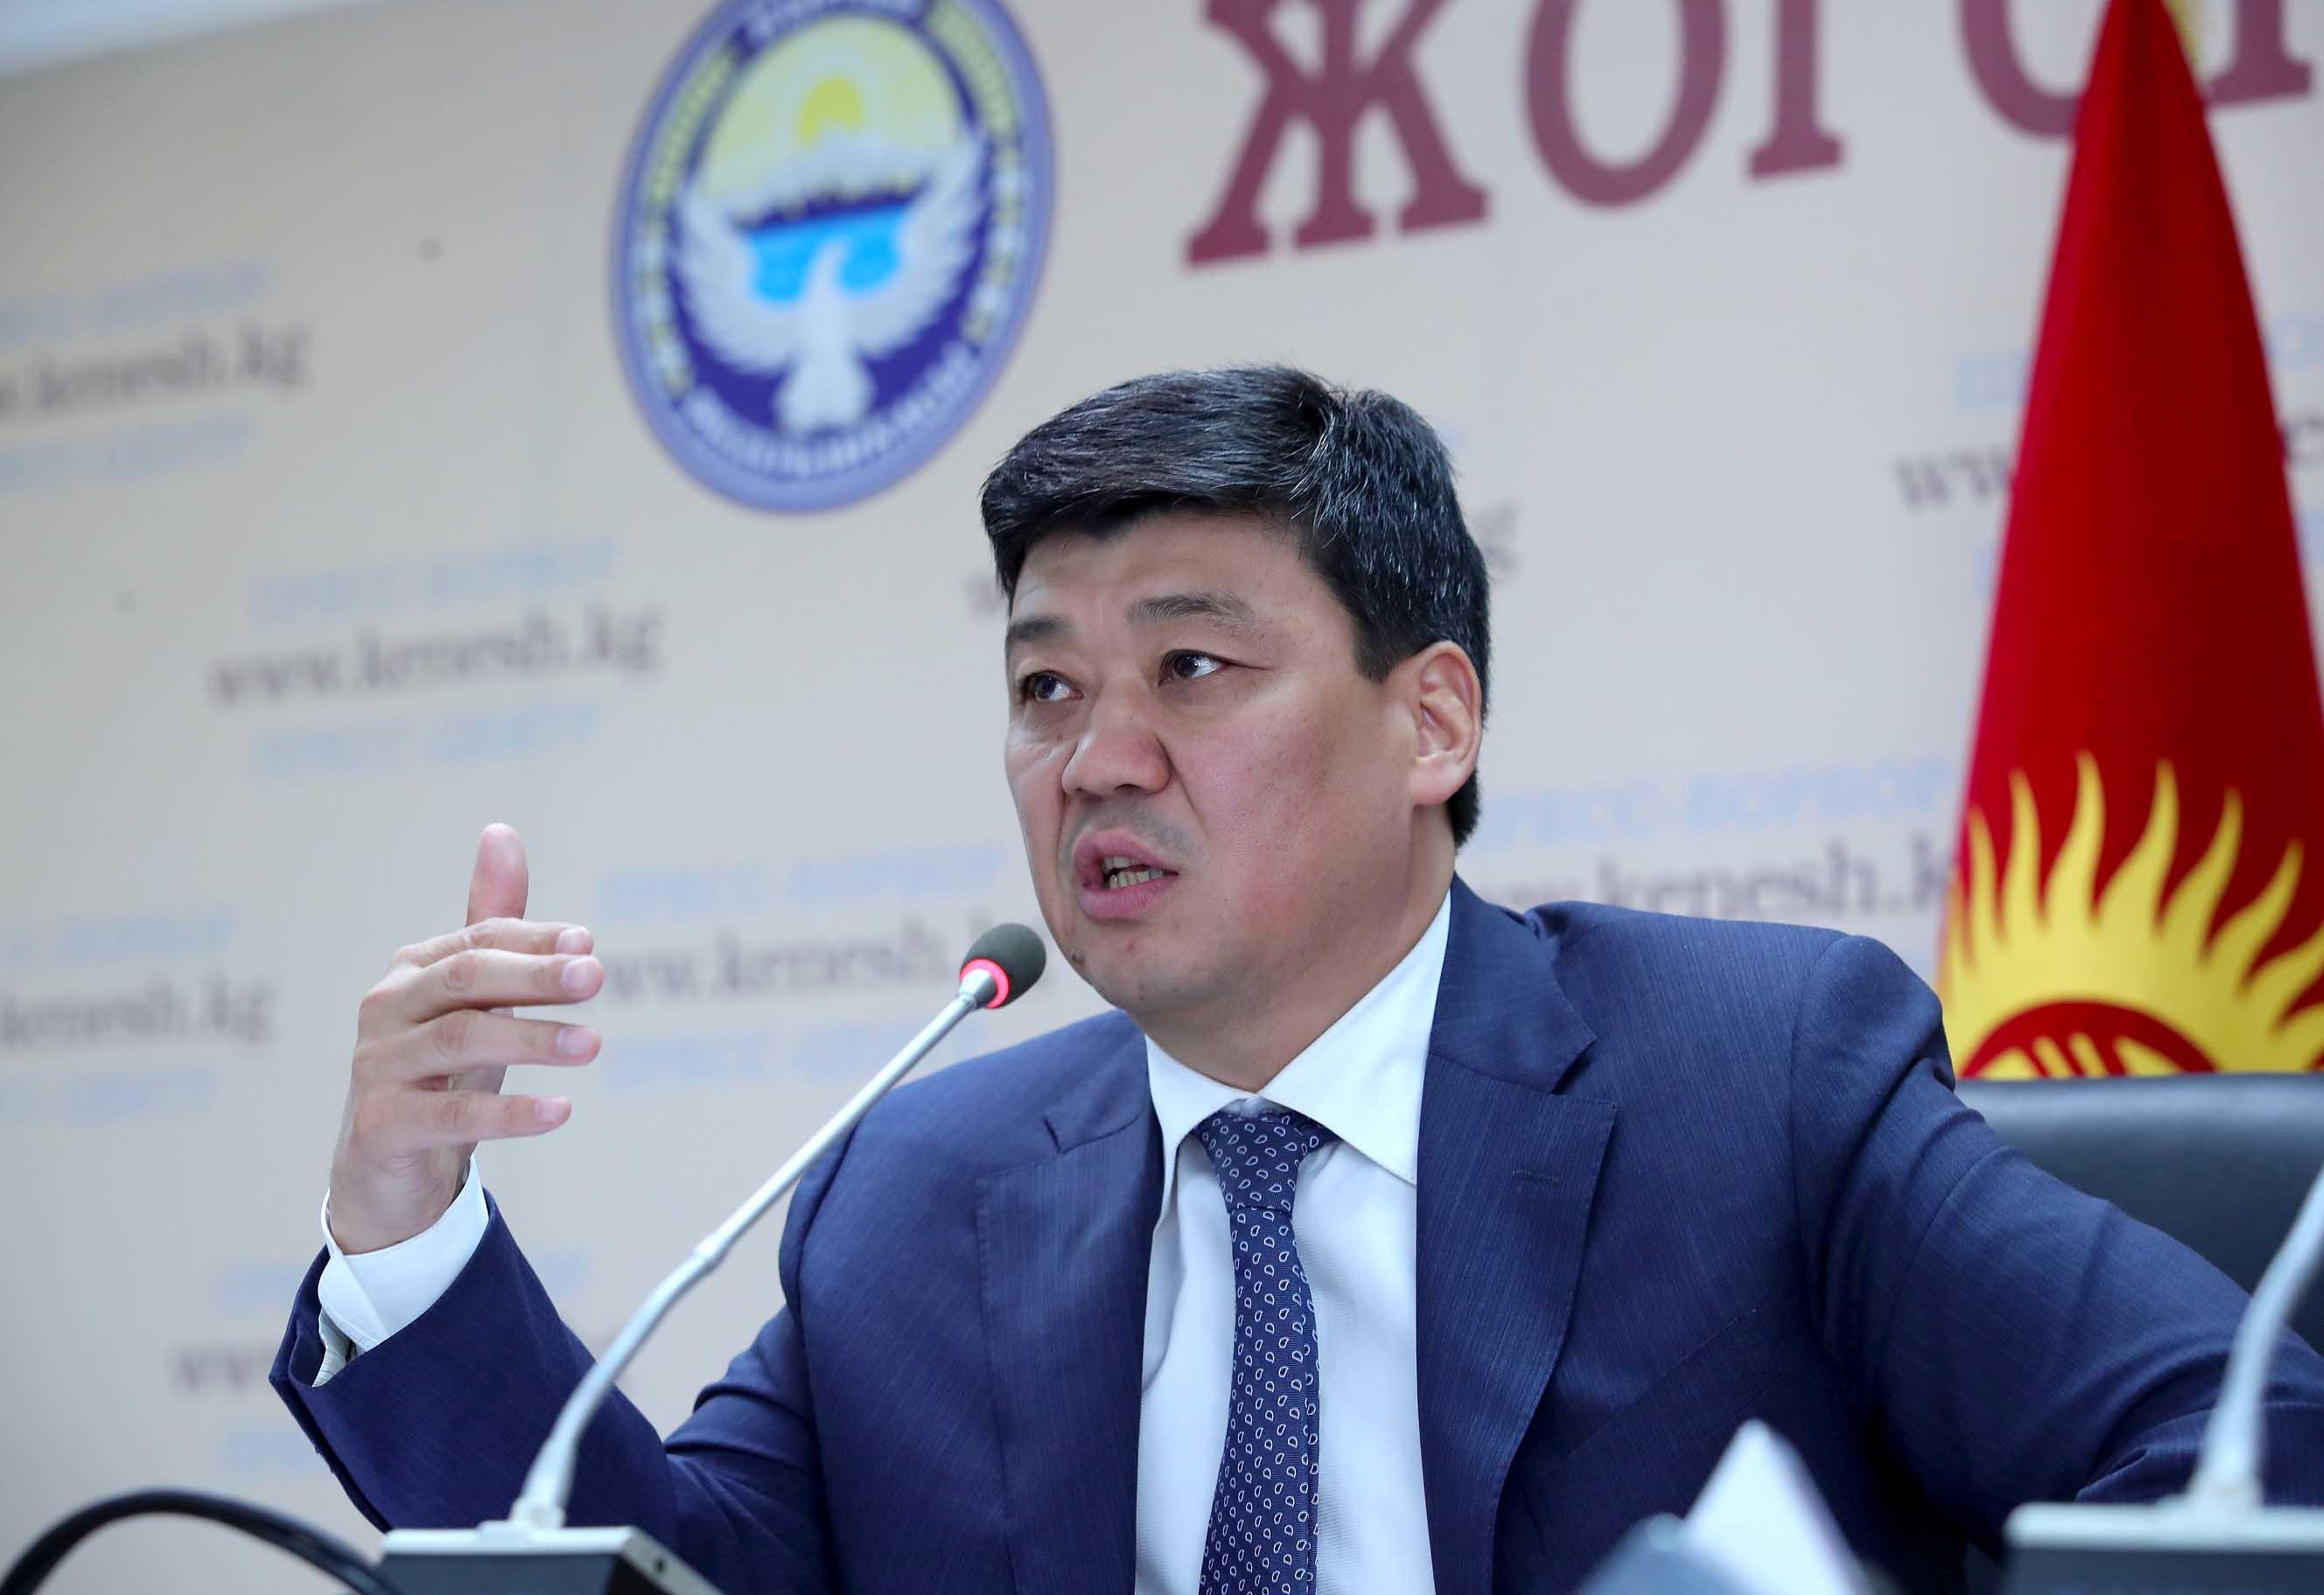 Депутат Төрөбаев: Парламенттин иштөө мөөнөтүн 3 жылга кыскартып, депутаттардын 30уна гана айлык берүү керек